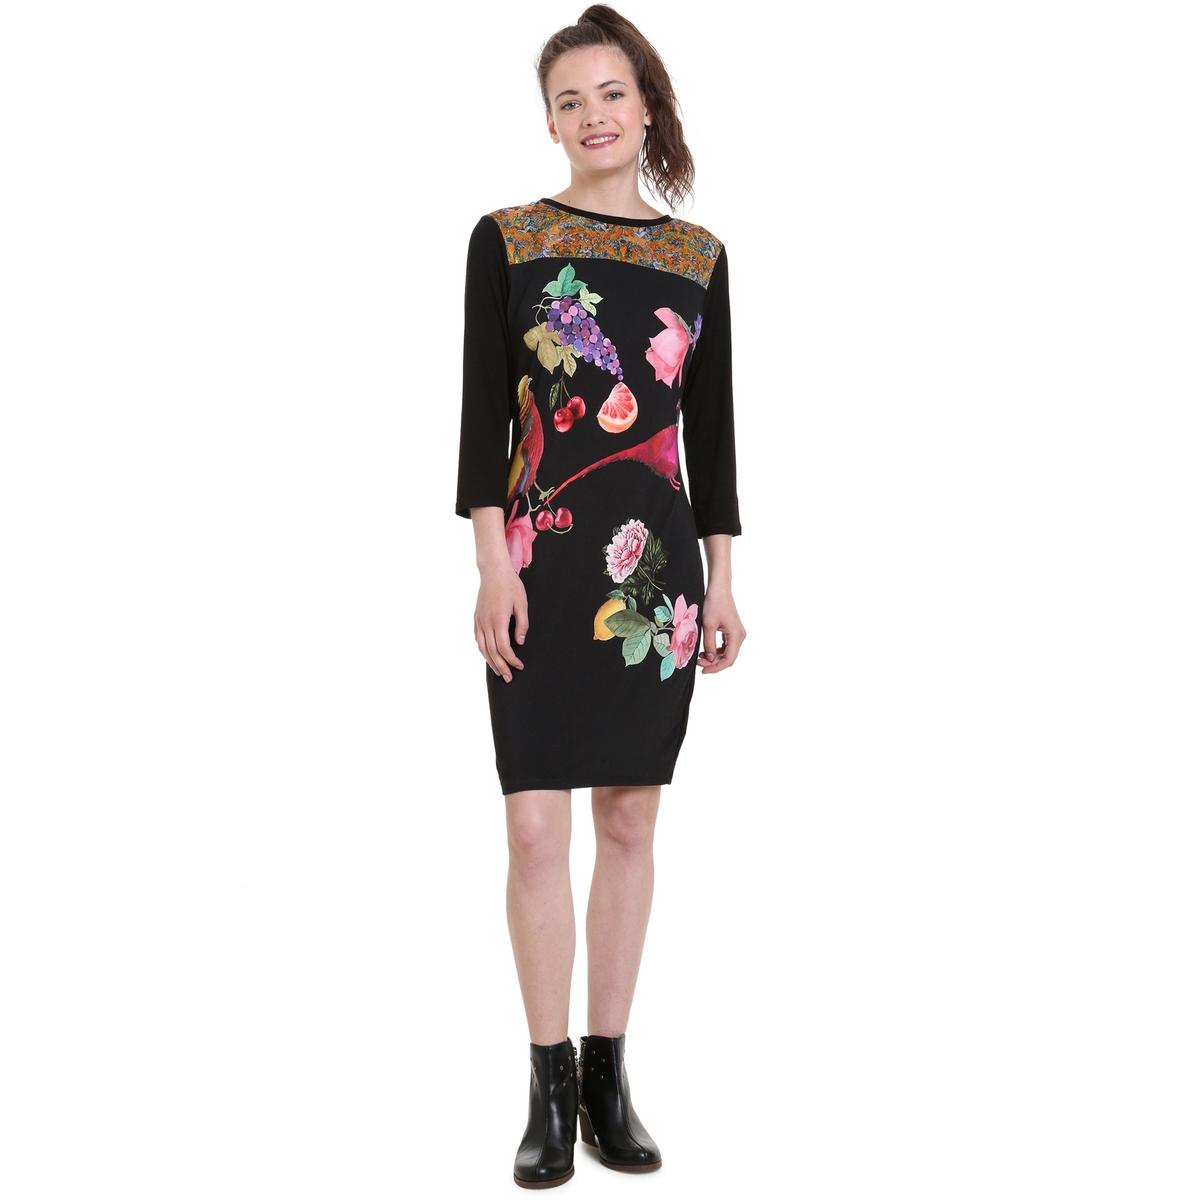 Платье La Redoute С длинными рукавами круглым вырезом и цветочным рисунком из джерси S черный блузка la redoute с круглым вырезом цветочным рисунком и длинными рукавами s черный